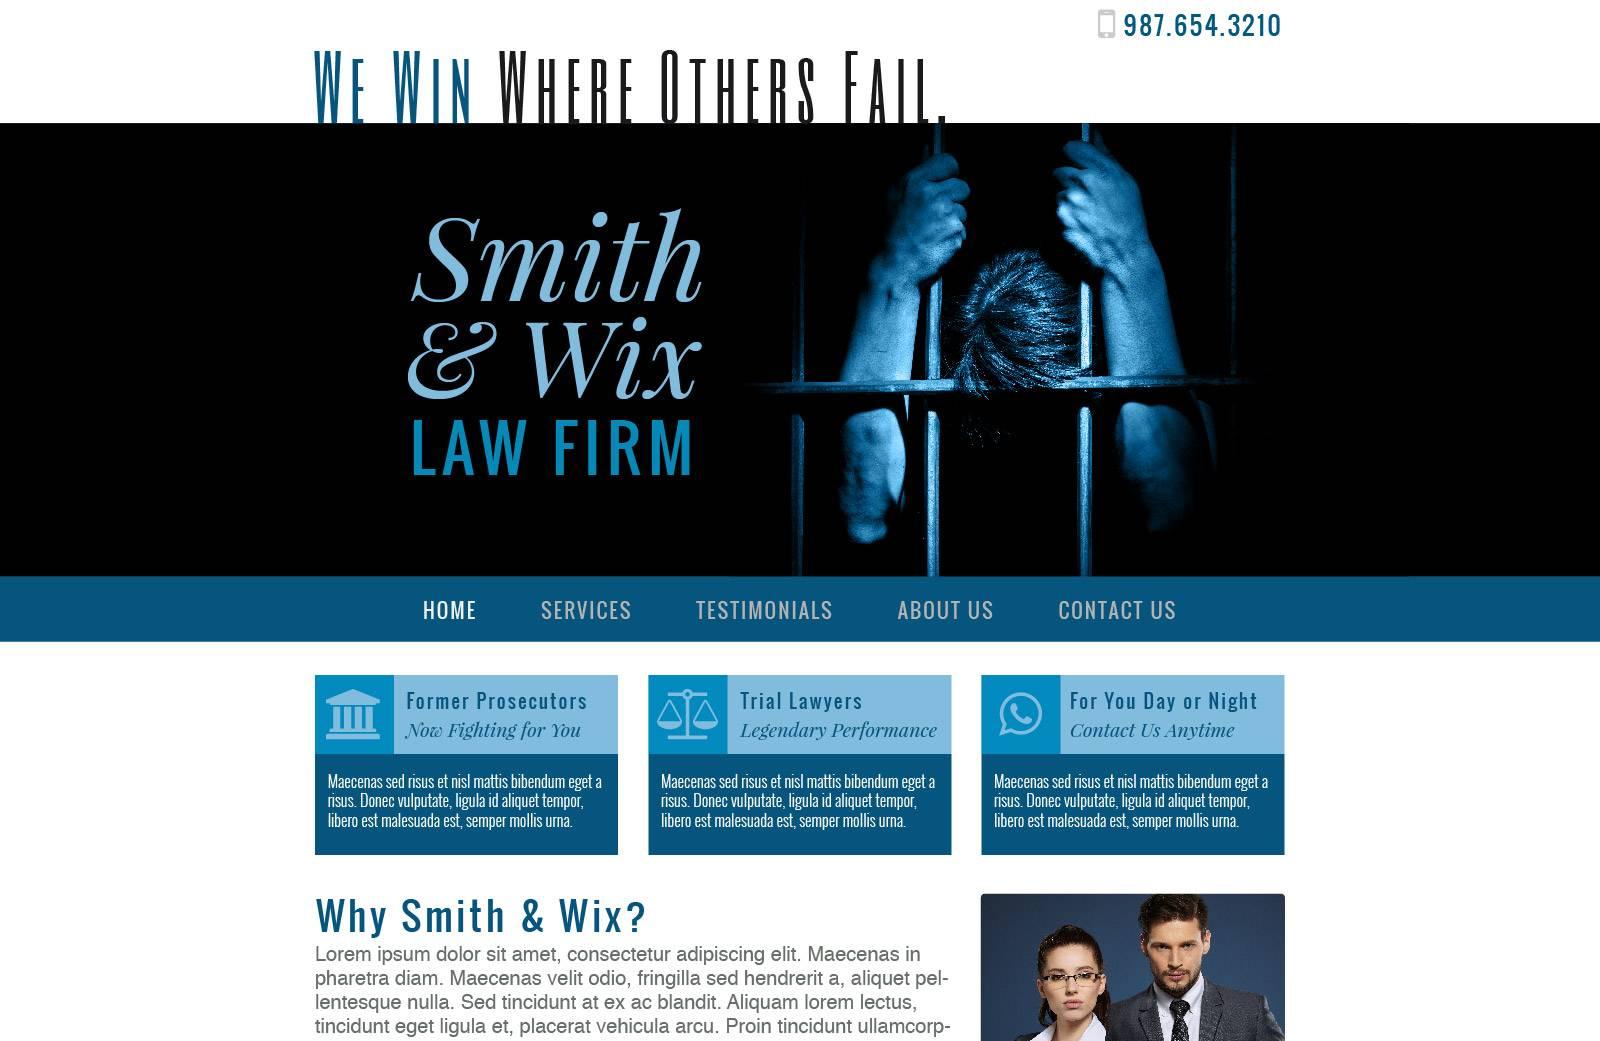 Smith & Wix Law Firm